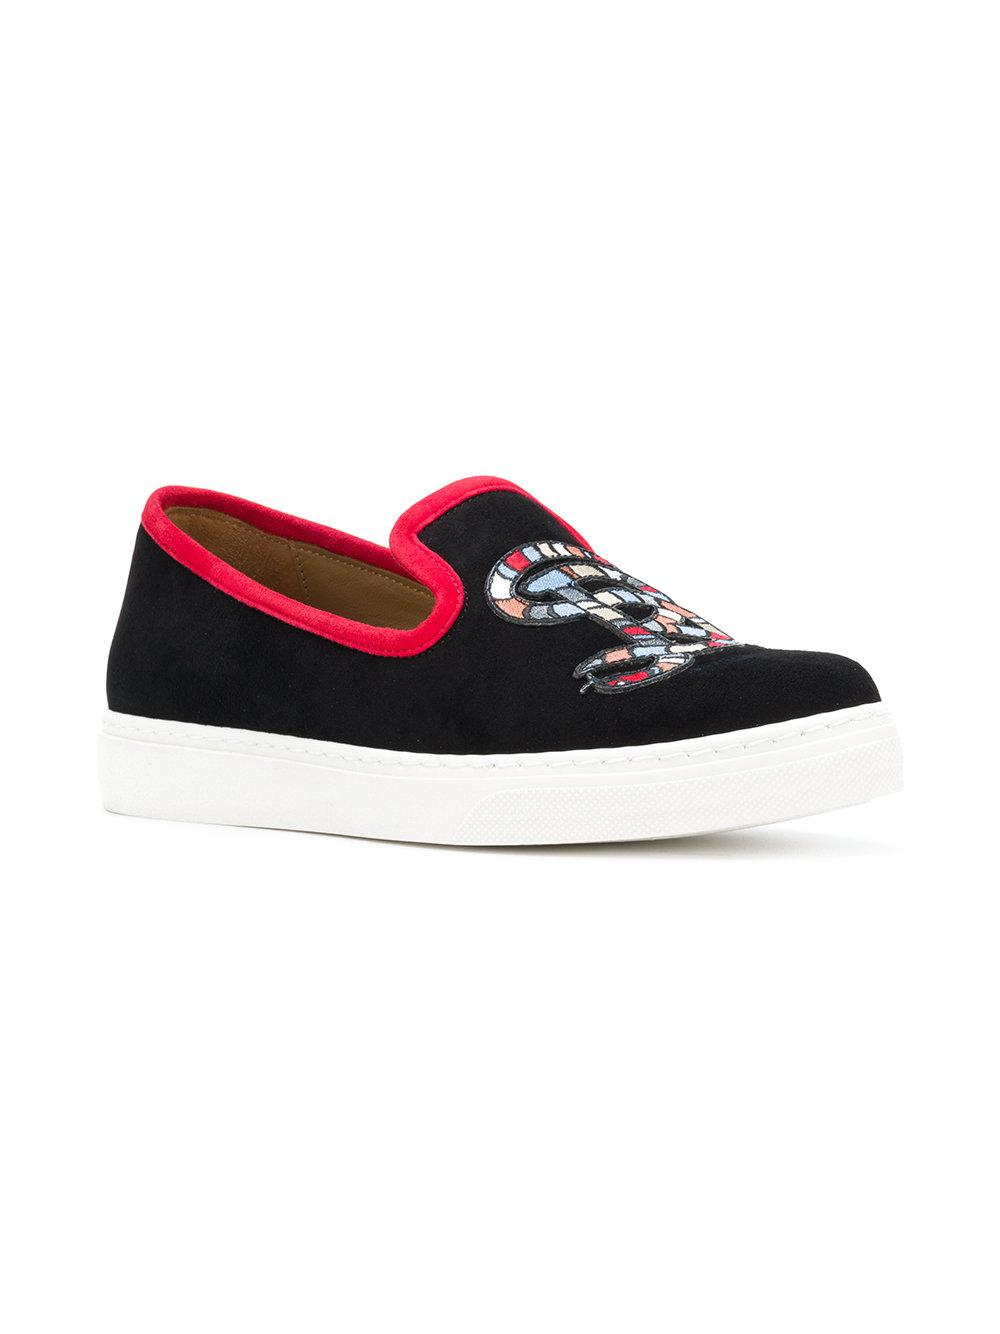 Sonia Rykiel Suede Snake Patch Slip On Sneakers in Black